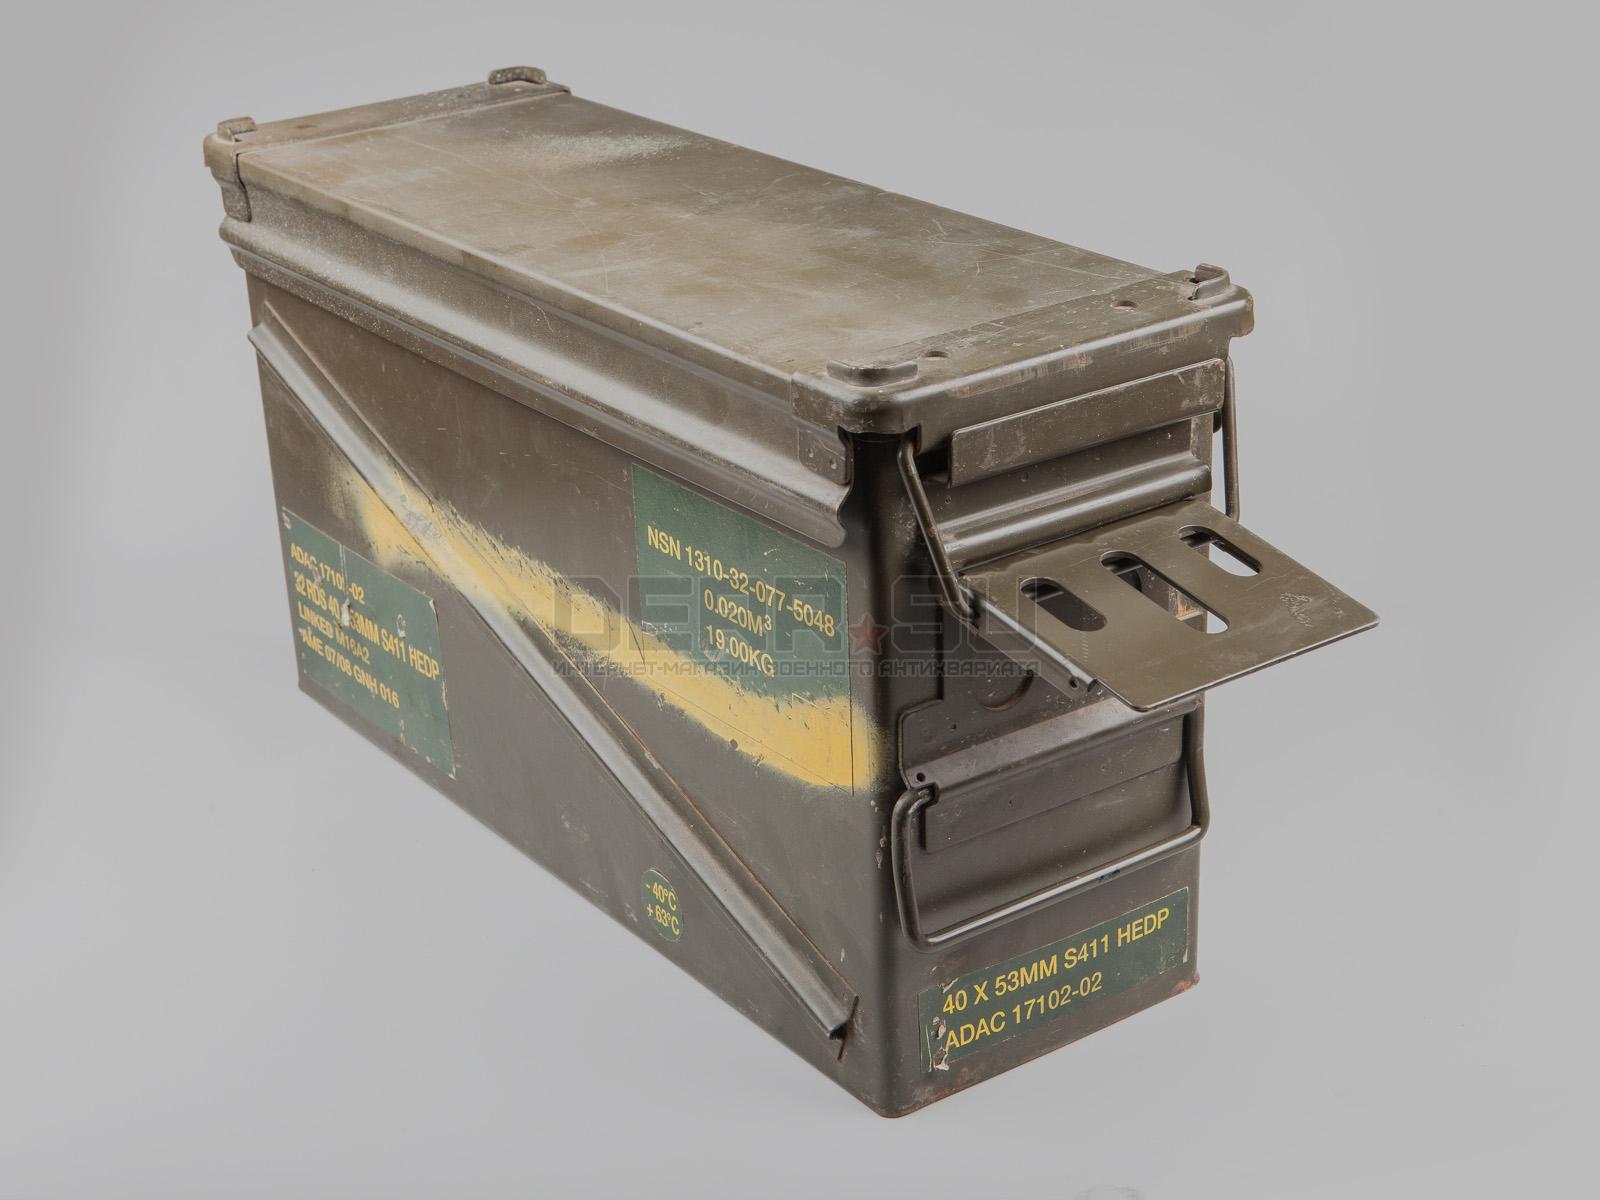 патронный ящик армейский купить рублей первого ребенка